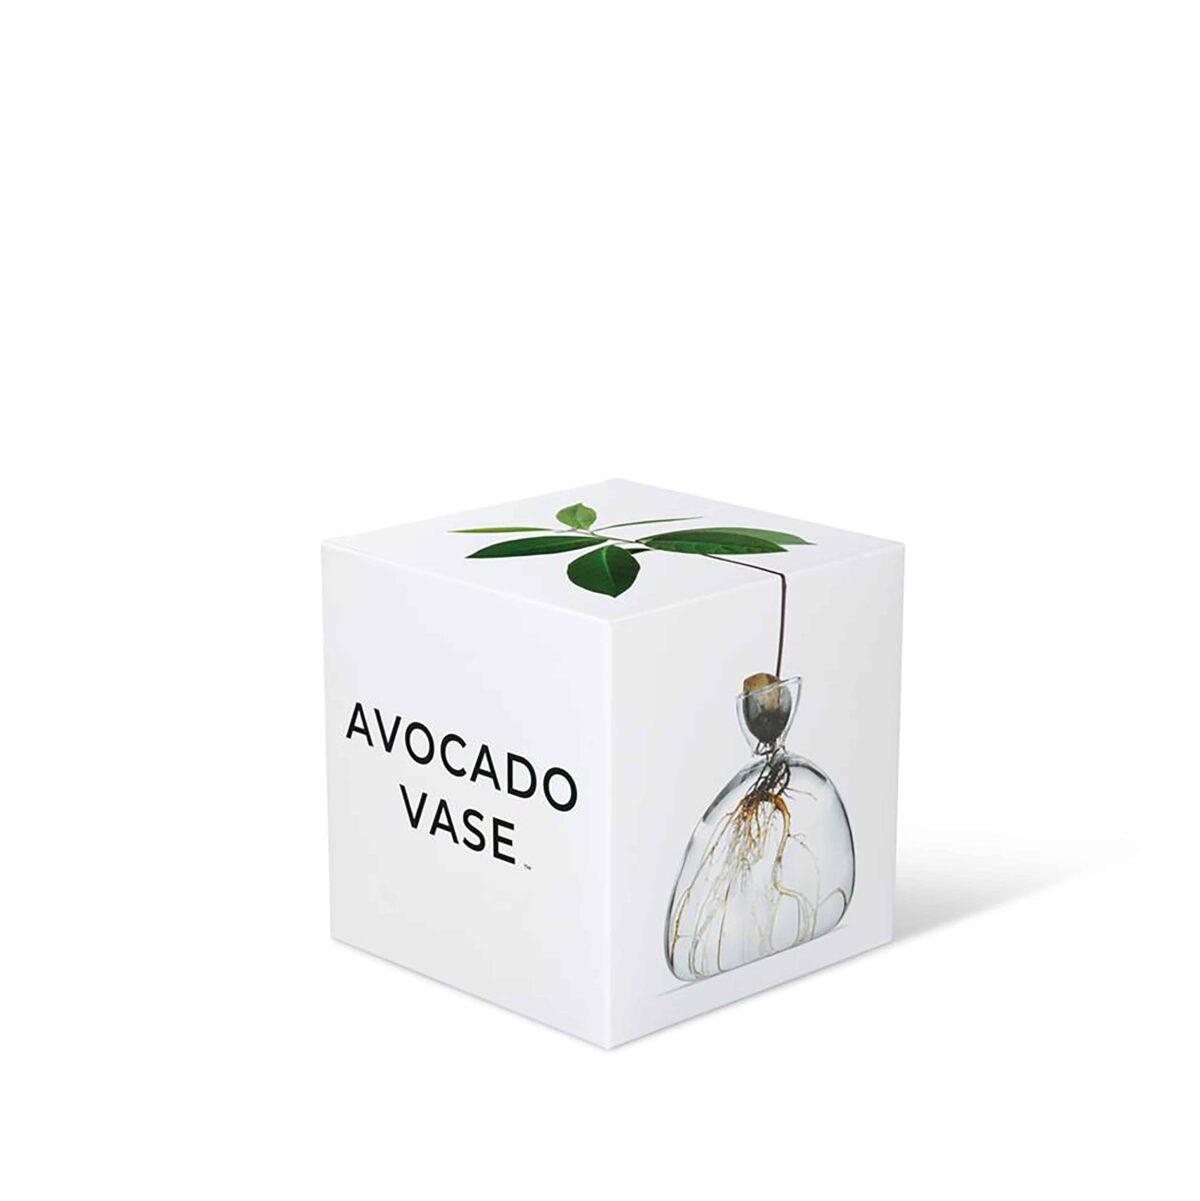 AvocadoVase3cc